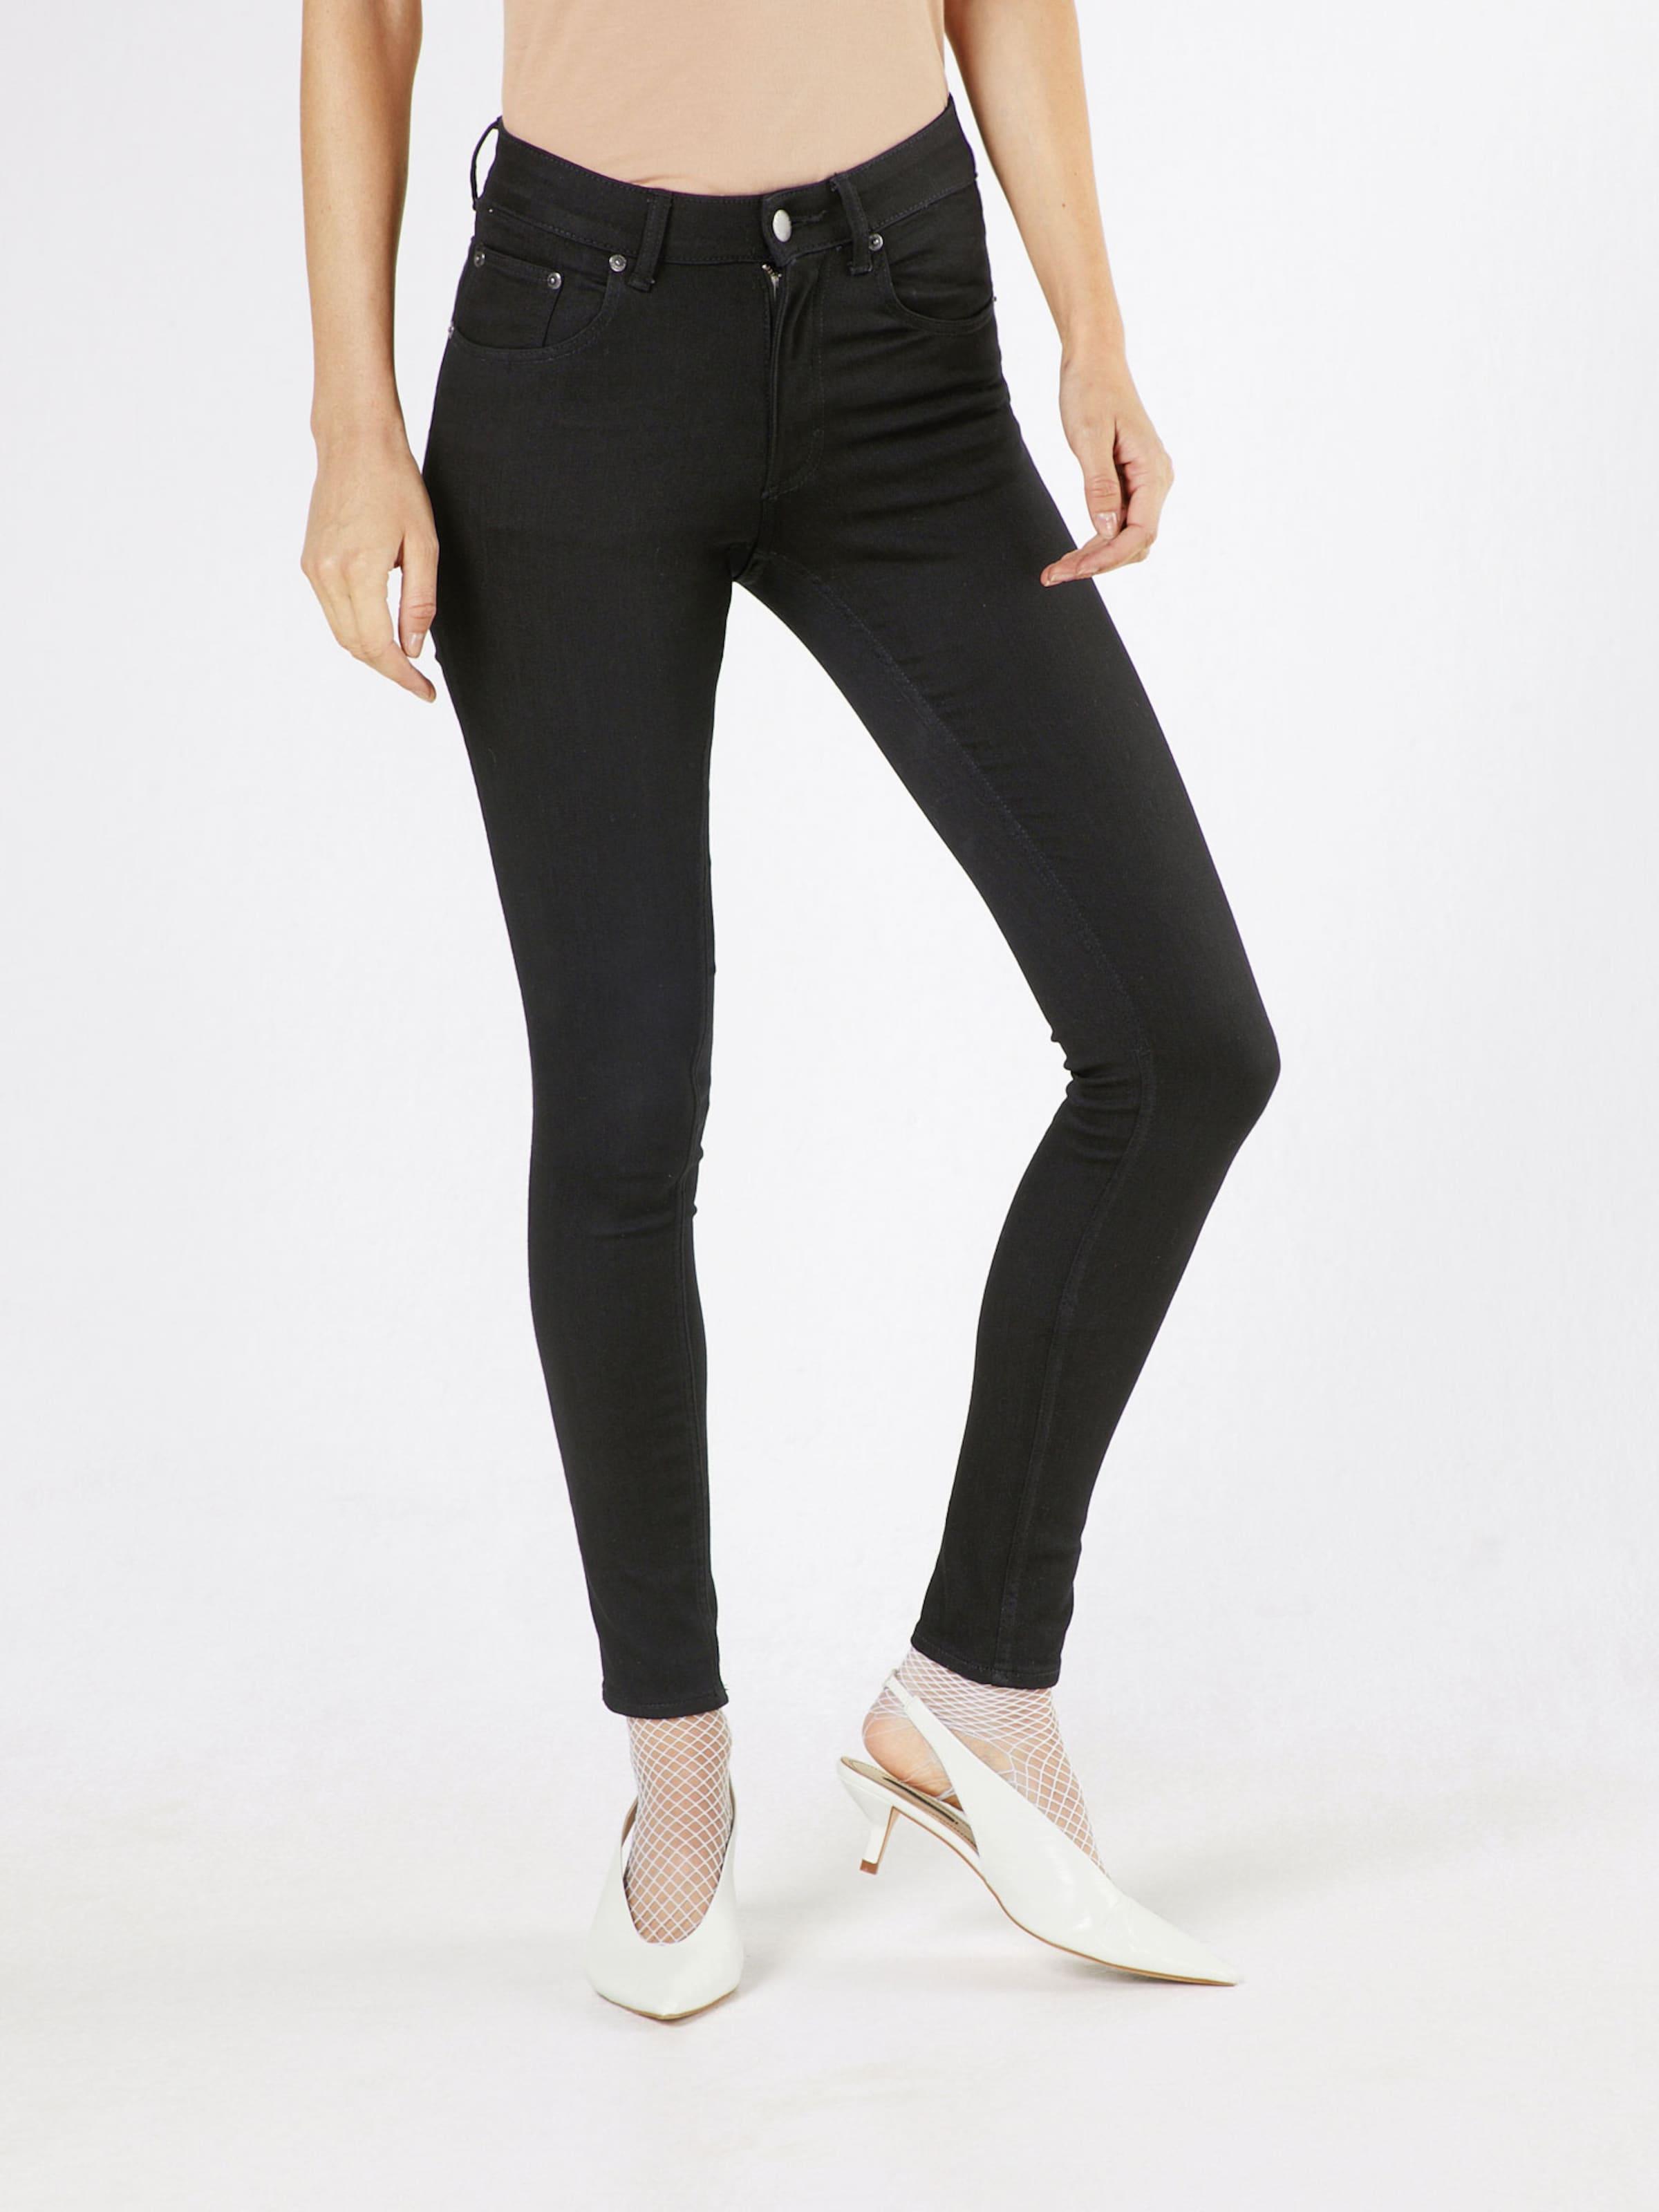 Jeans MONDAY CHEAP Skinny MONDAY 'Mid CHEAP Skin' vwvnqY7ECx